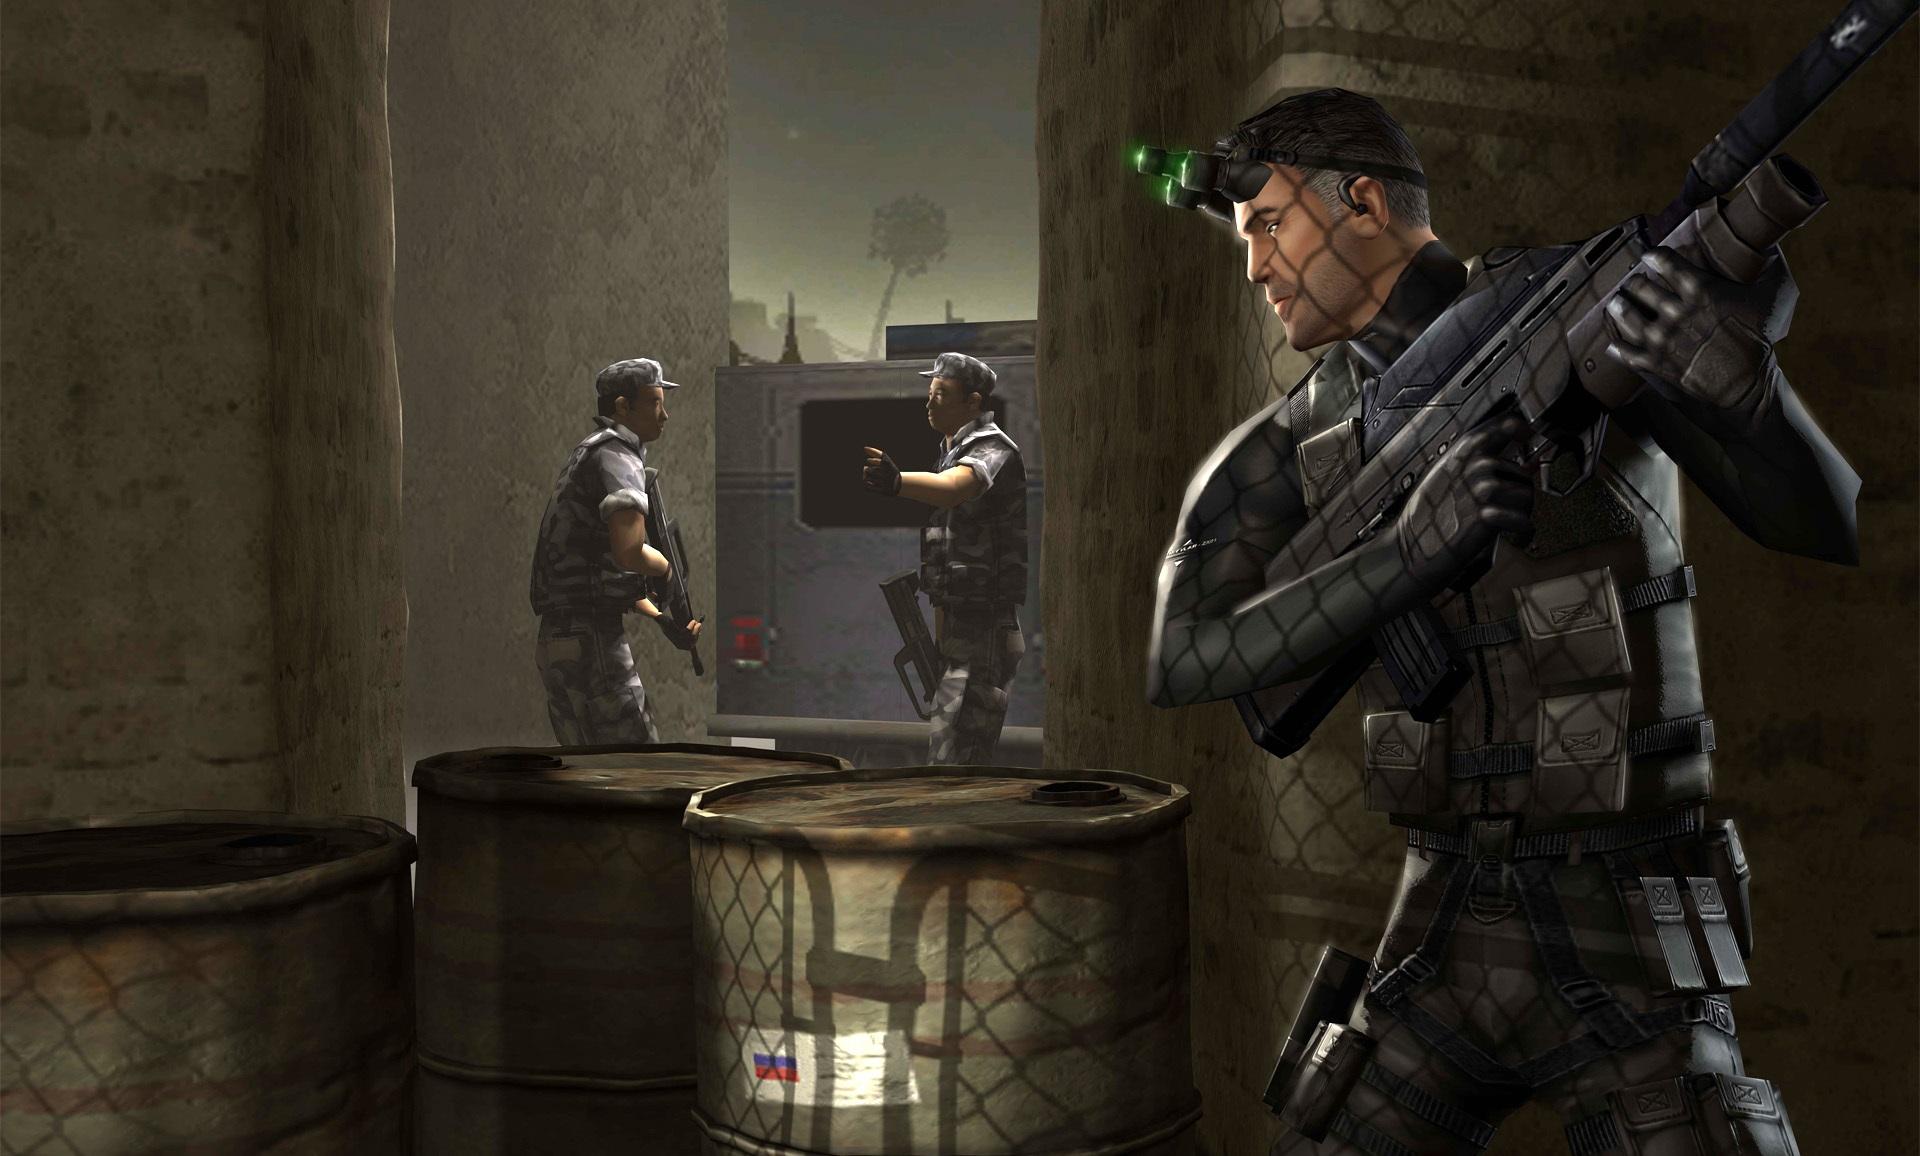 Tom Clancy's Splinter Cell gratuito durante Julio en UbisoftClub